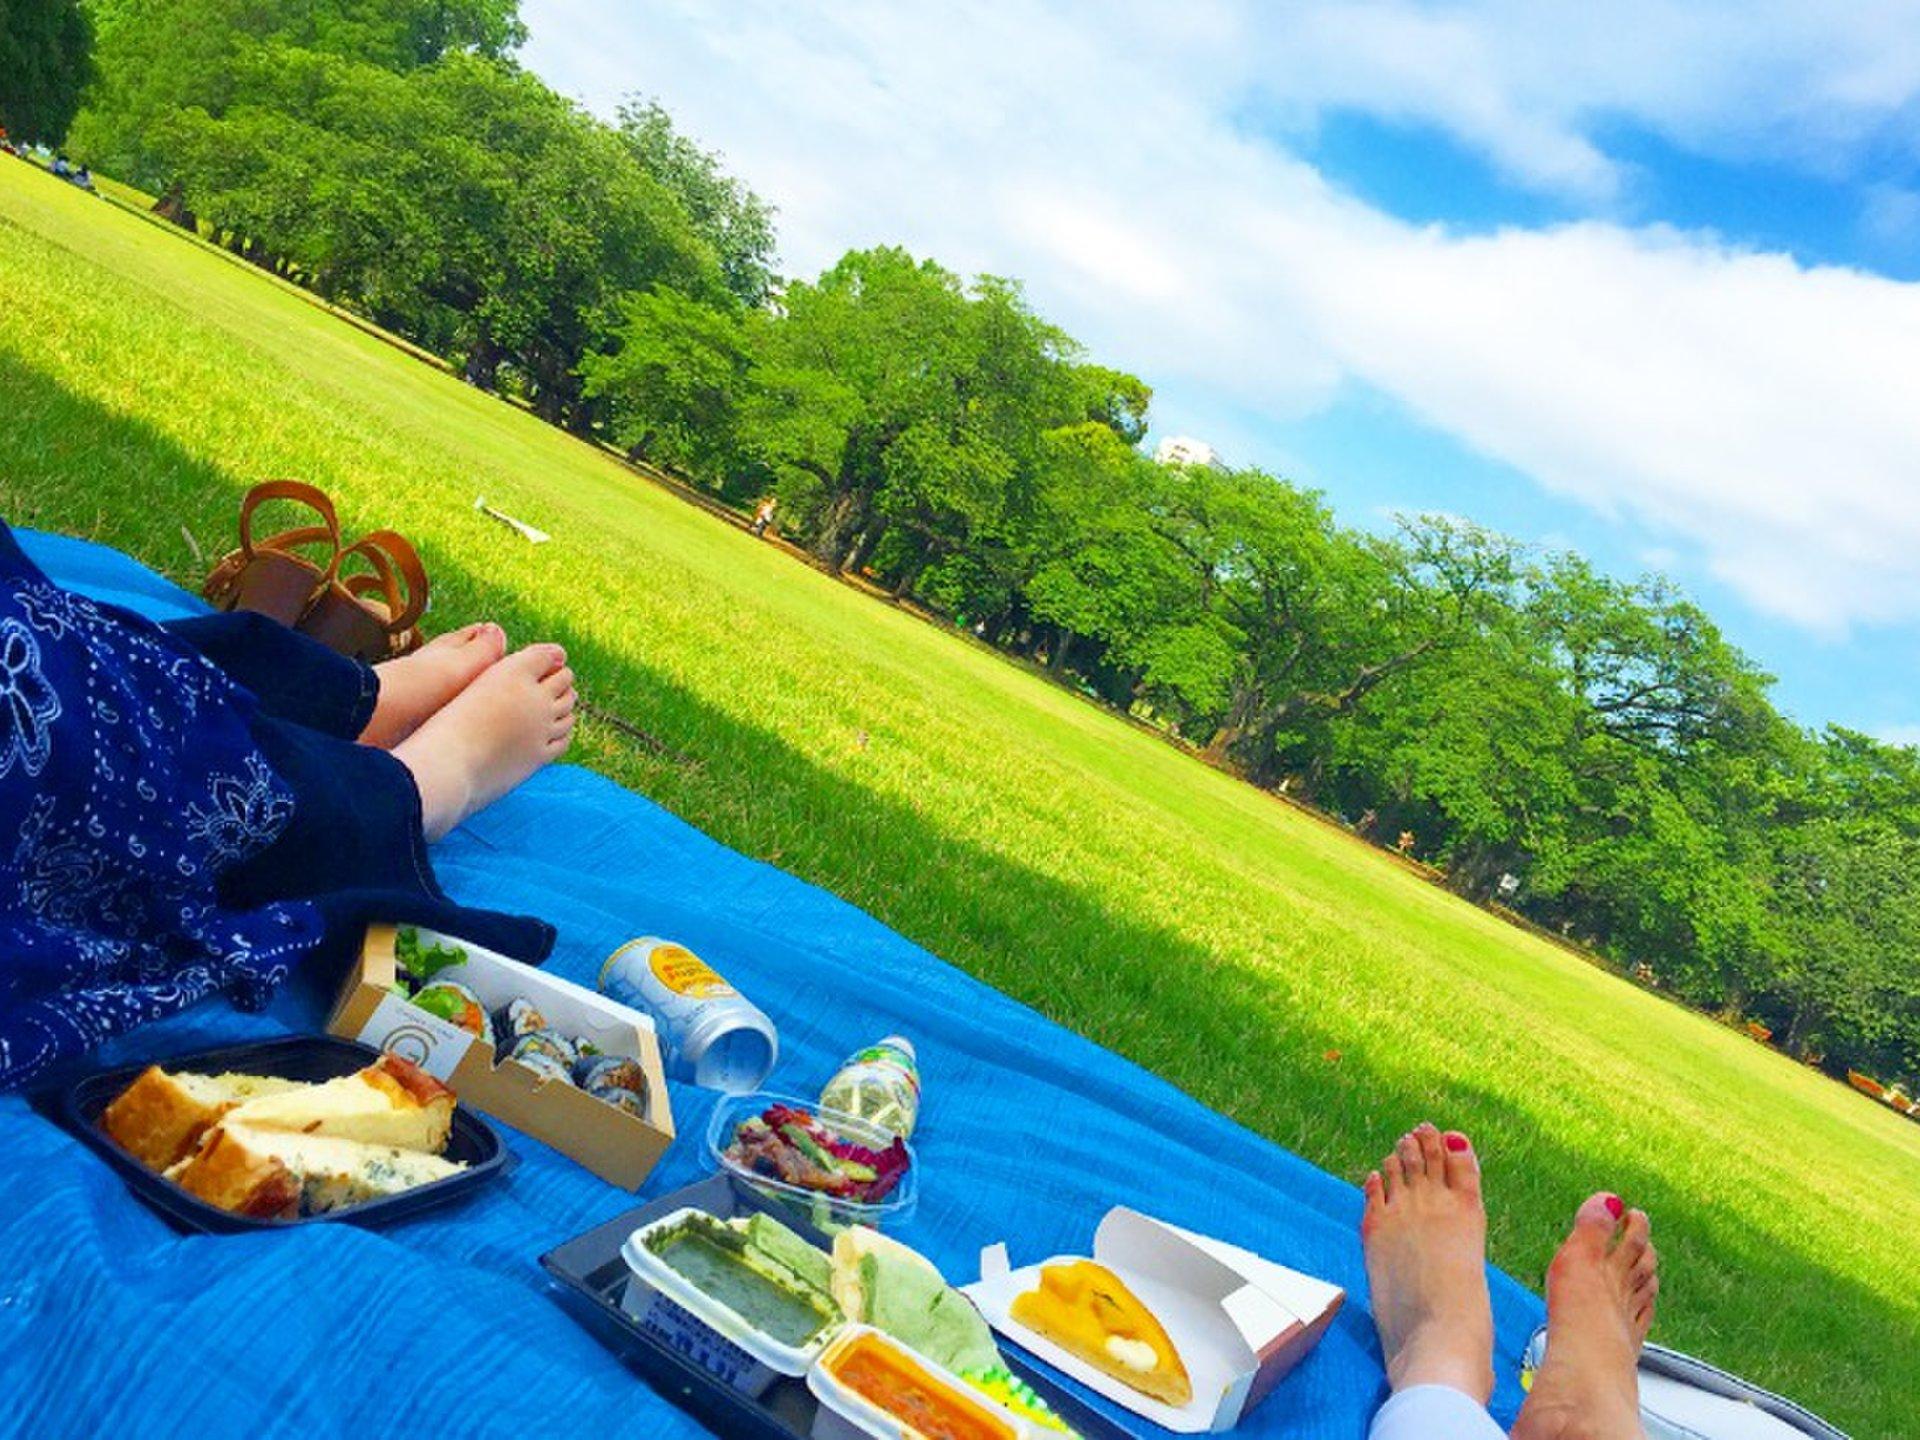 【新宿御苑デートが楽しすぎる!?】恋人と一緒にピクニックデートしよう♪